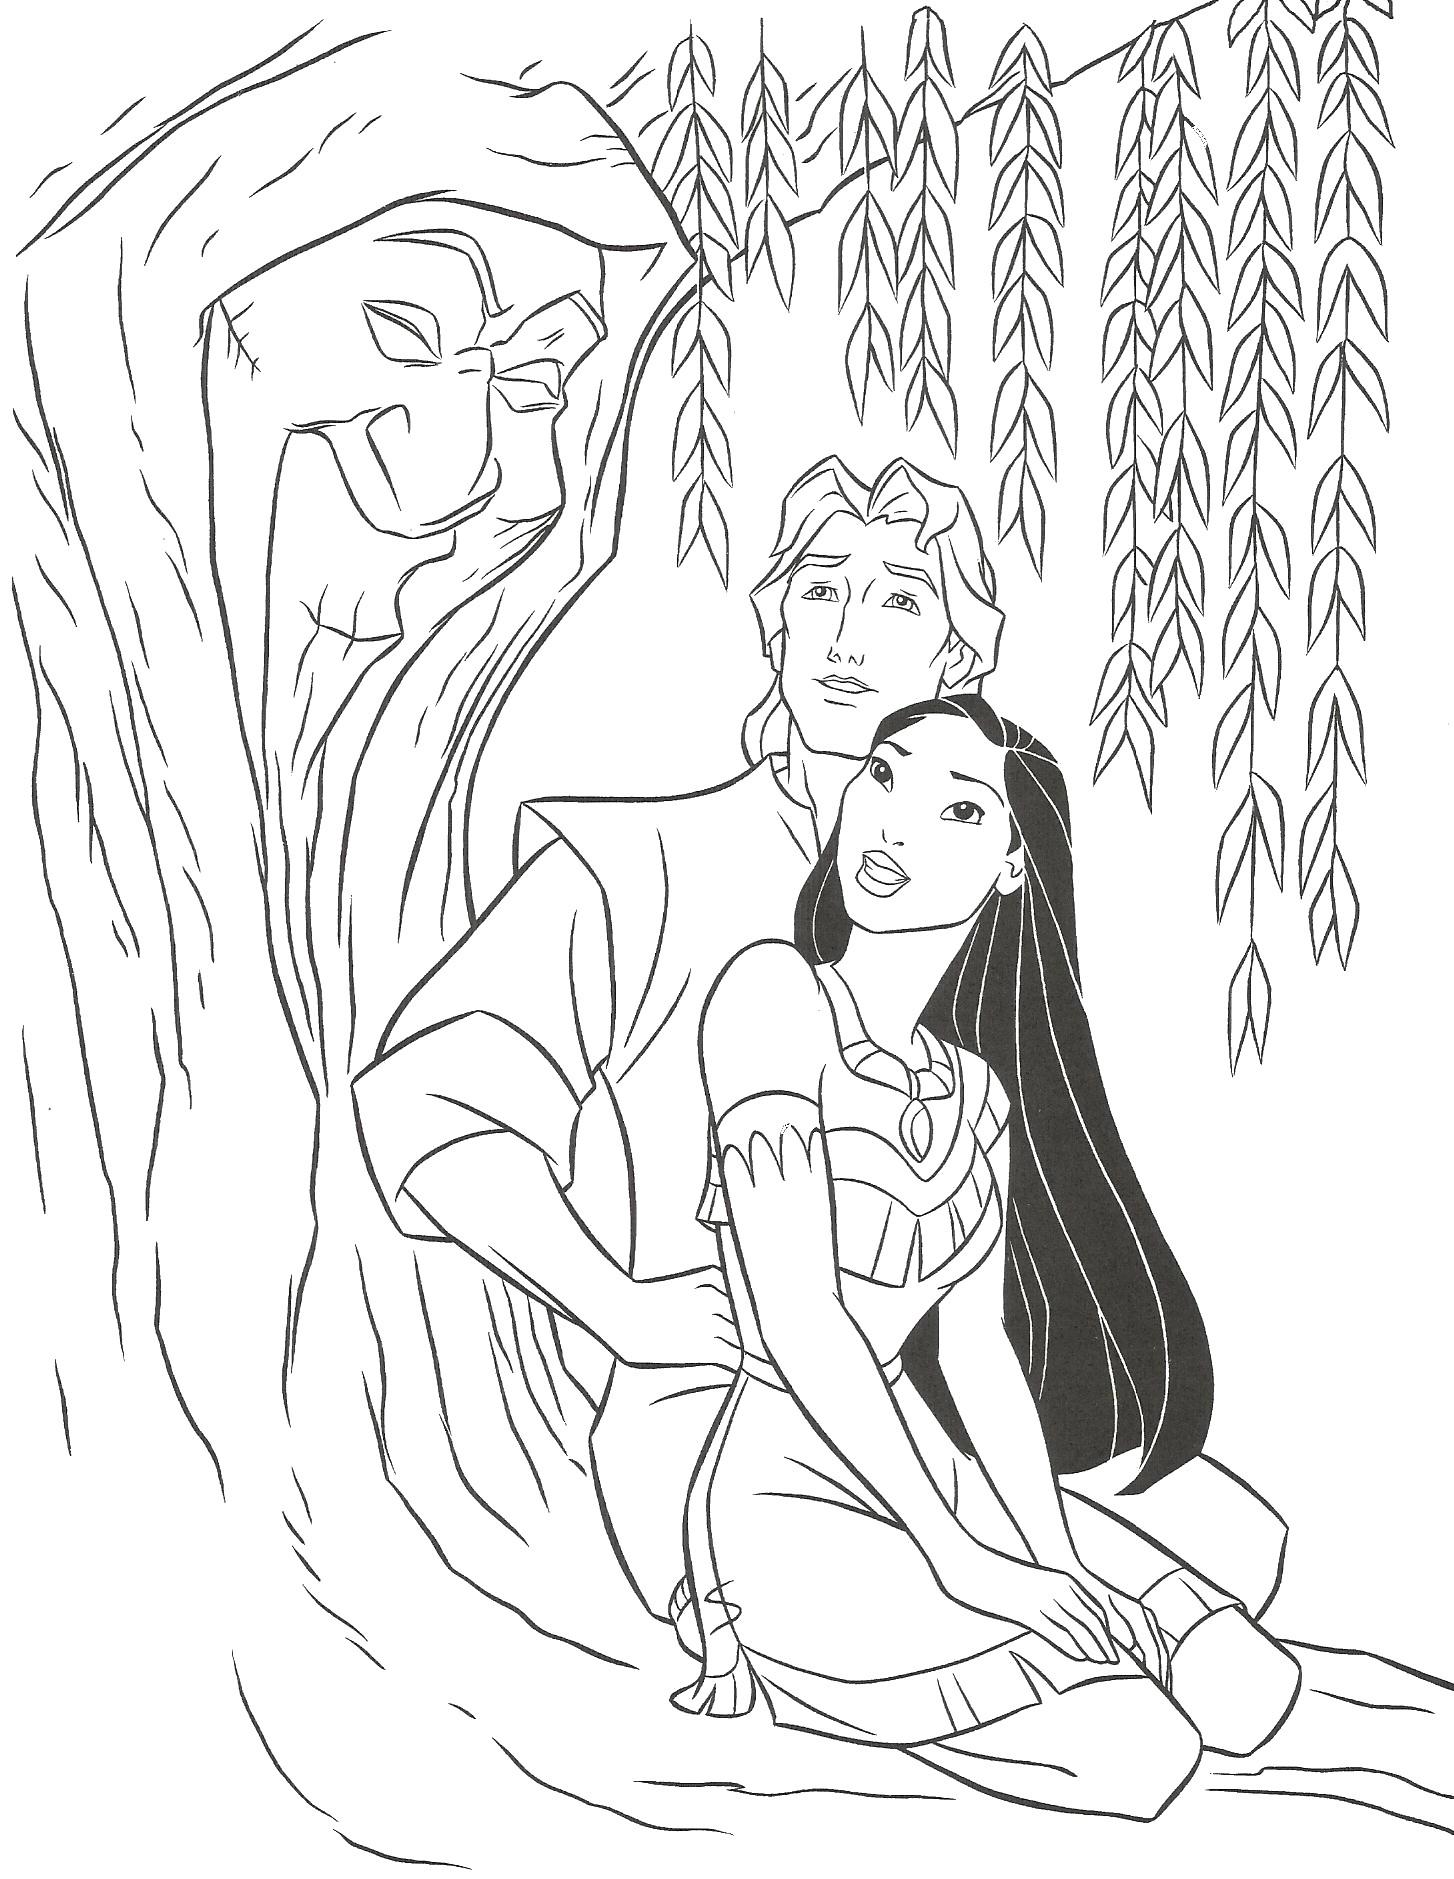 19 dessins de coloriage princesse disney pocahontas imprimer - Dessiner princesse disney ...